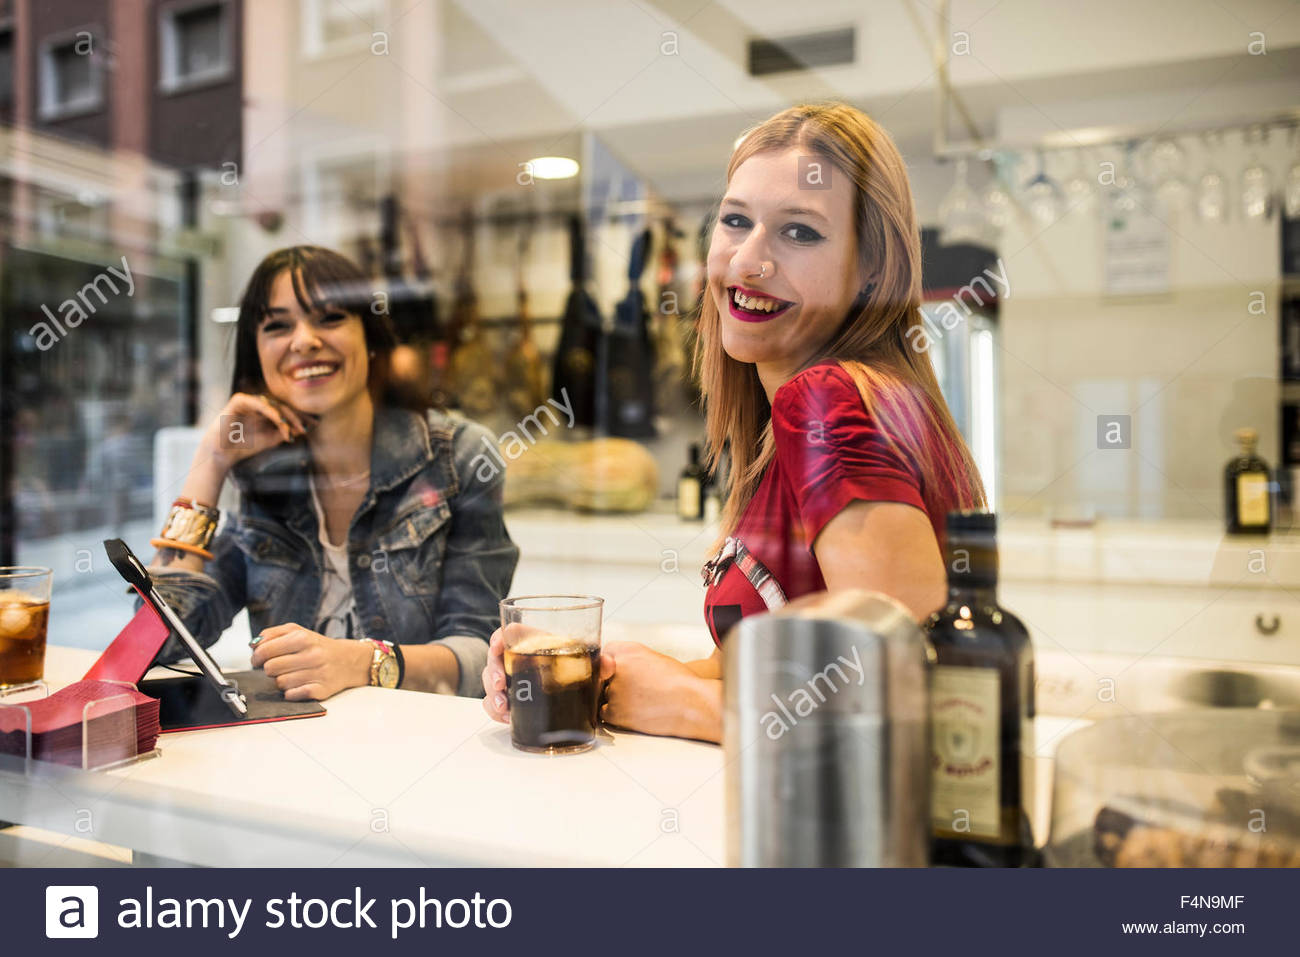 Felice di due giovani donne in un bar con bevande e tavoletta digitale Immagini Stock